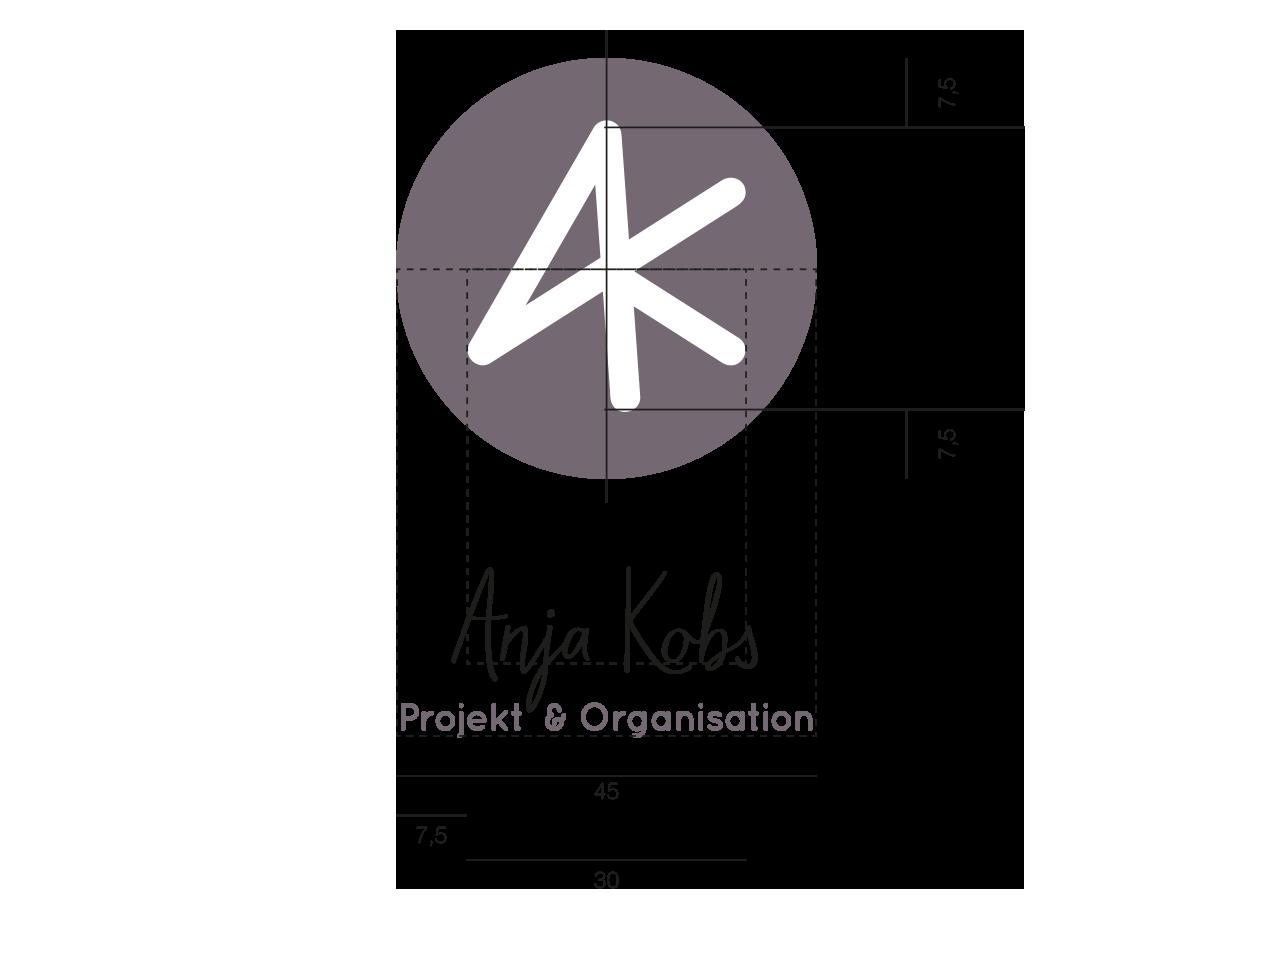 Logoentwicklung - Anja Kobs